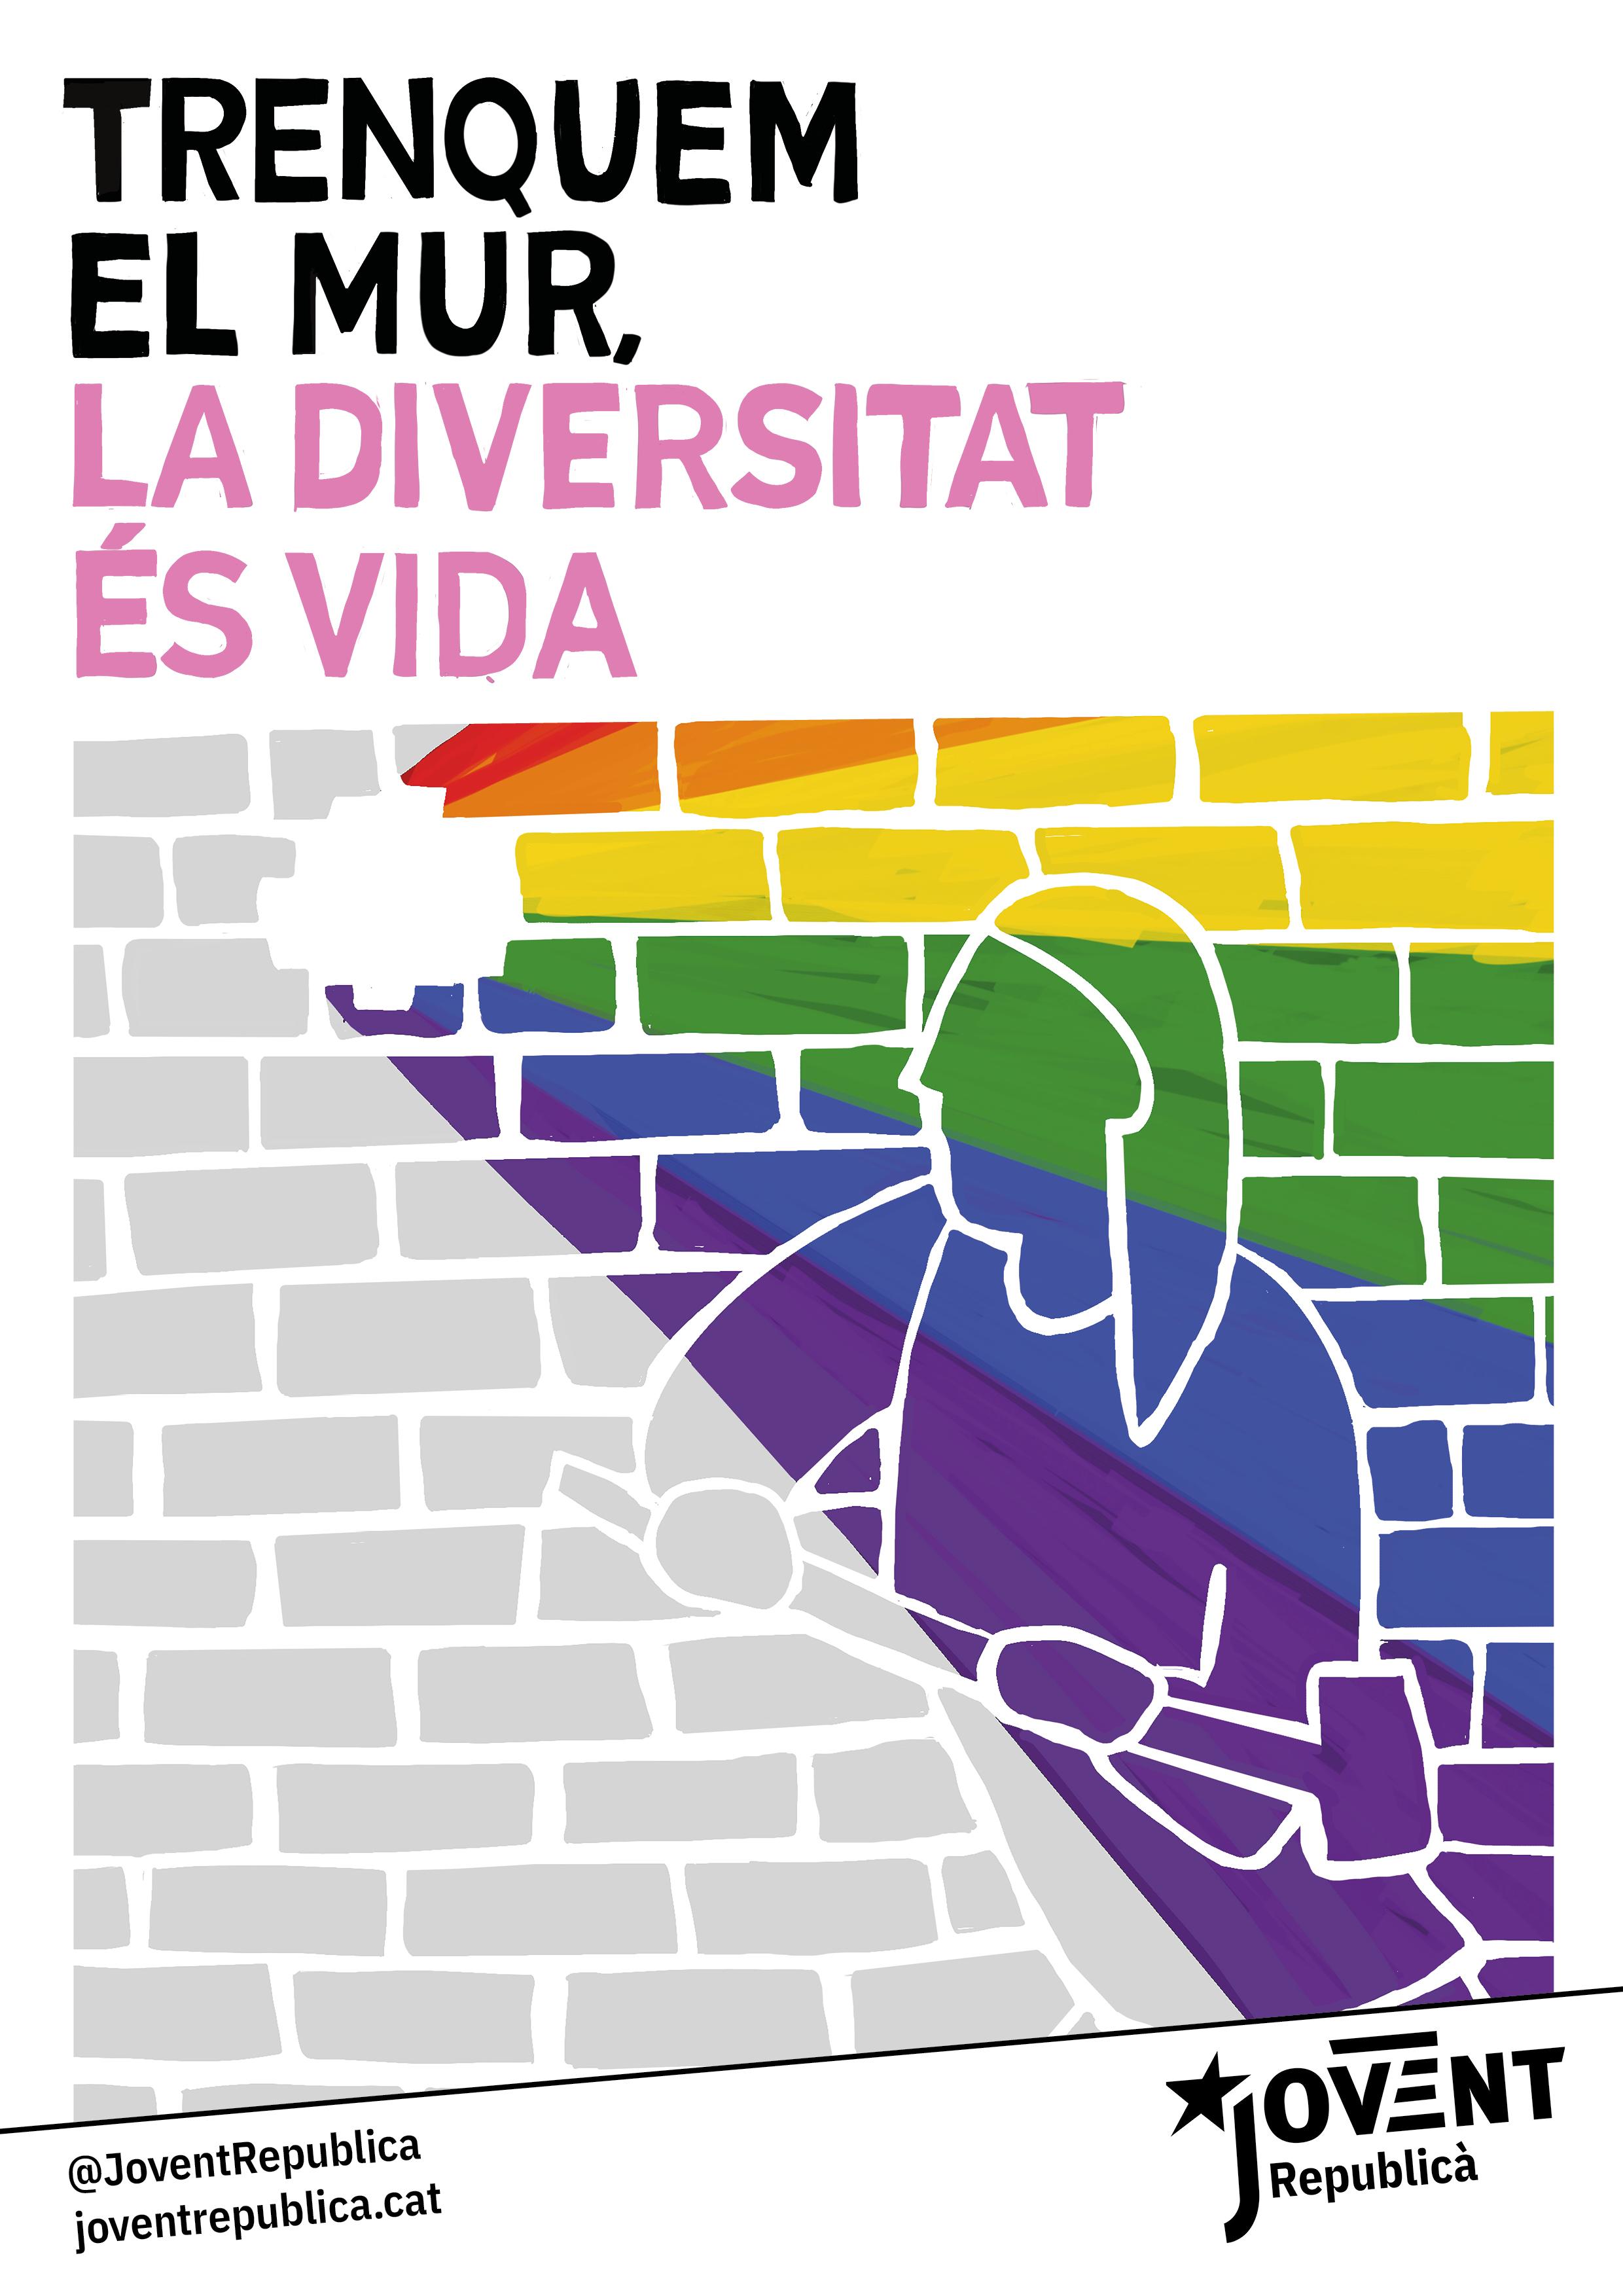 El 17 de maig i cada dia, trenquem el mur, la diversitat és vida!